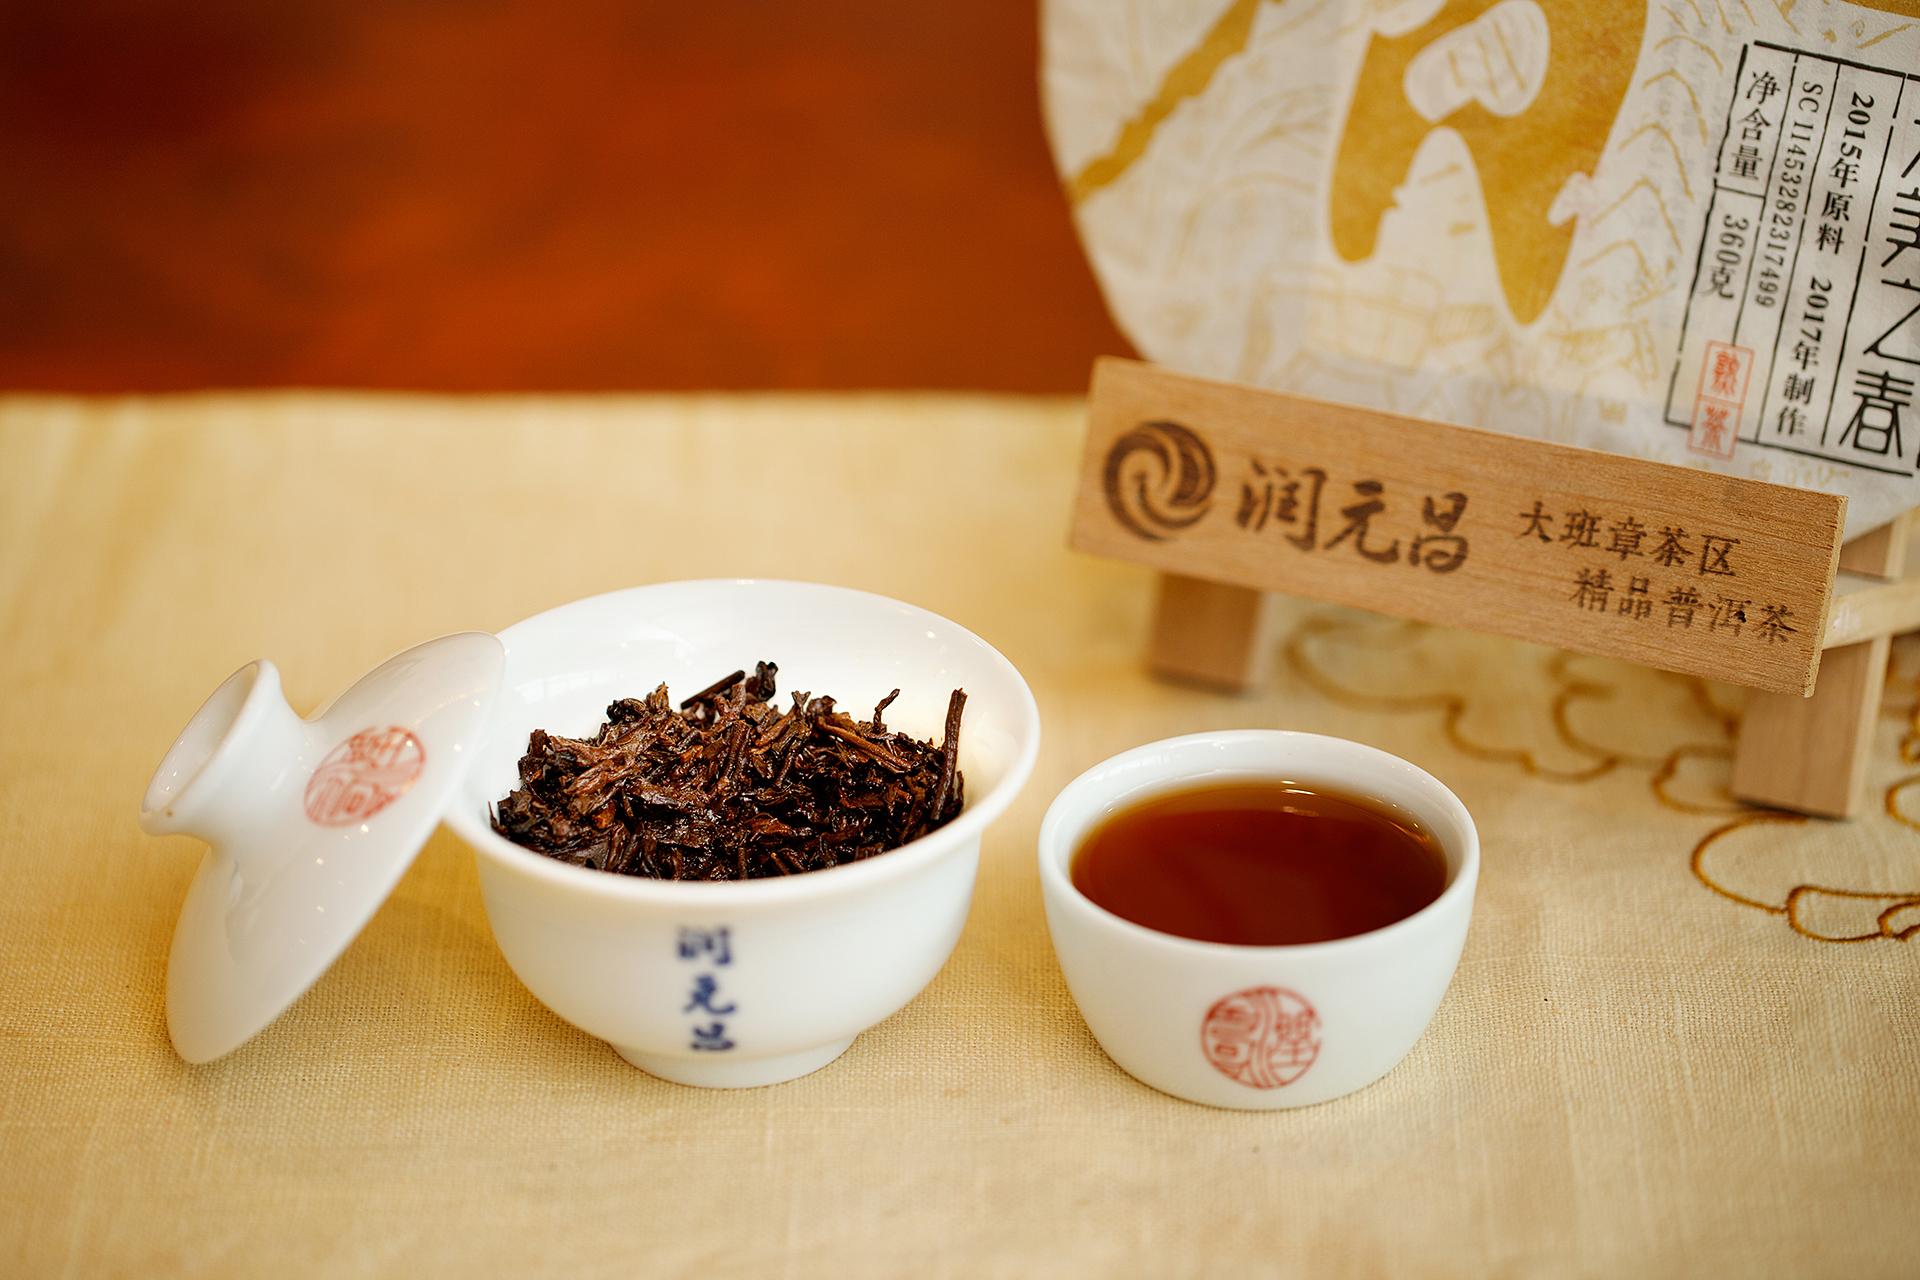 润元昌大美之春普洱茶